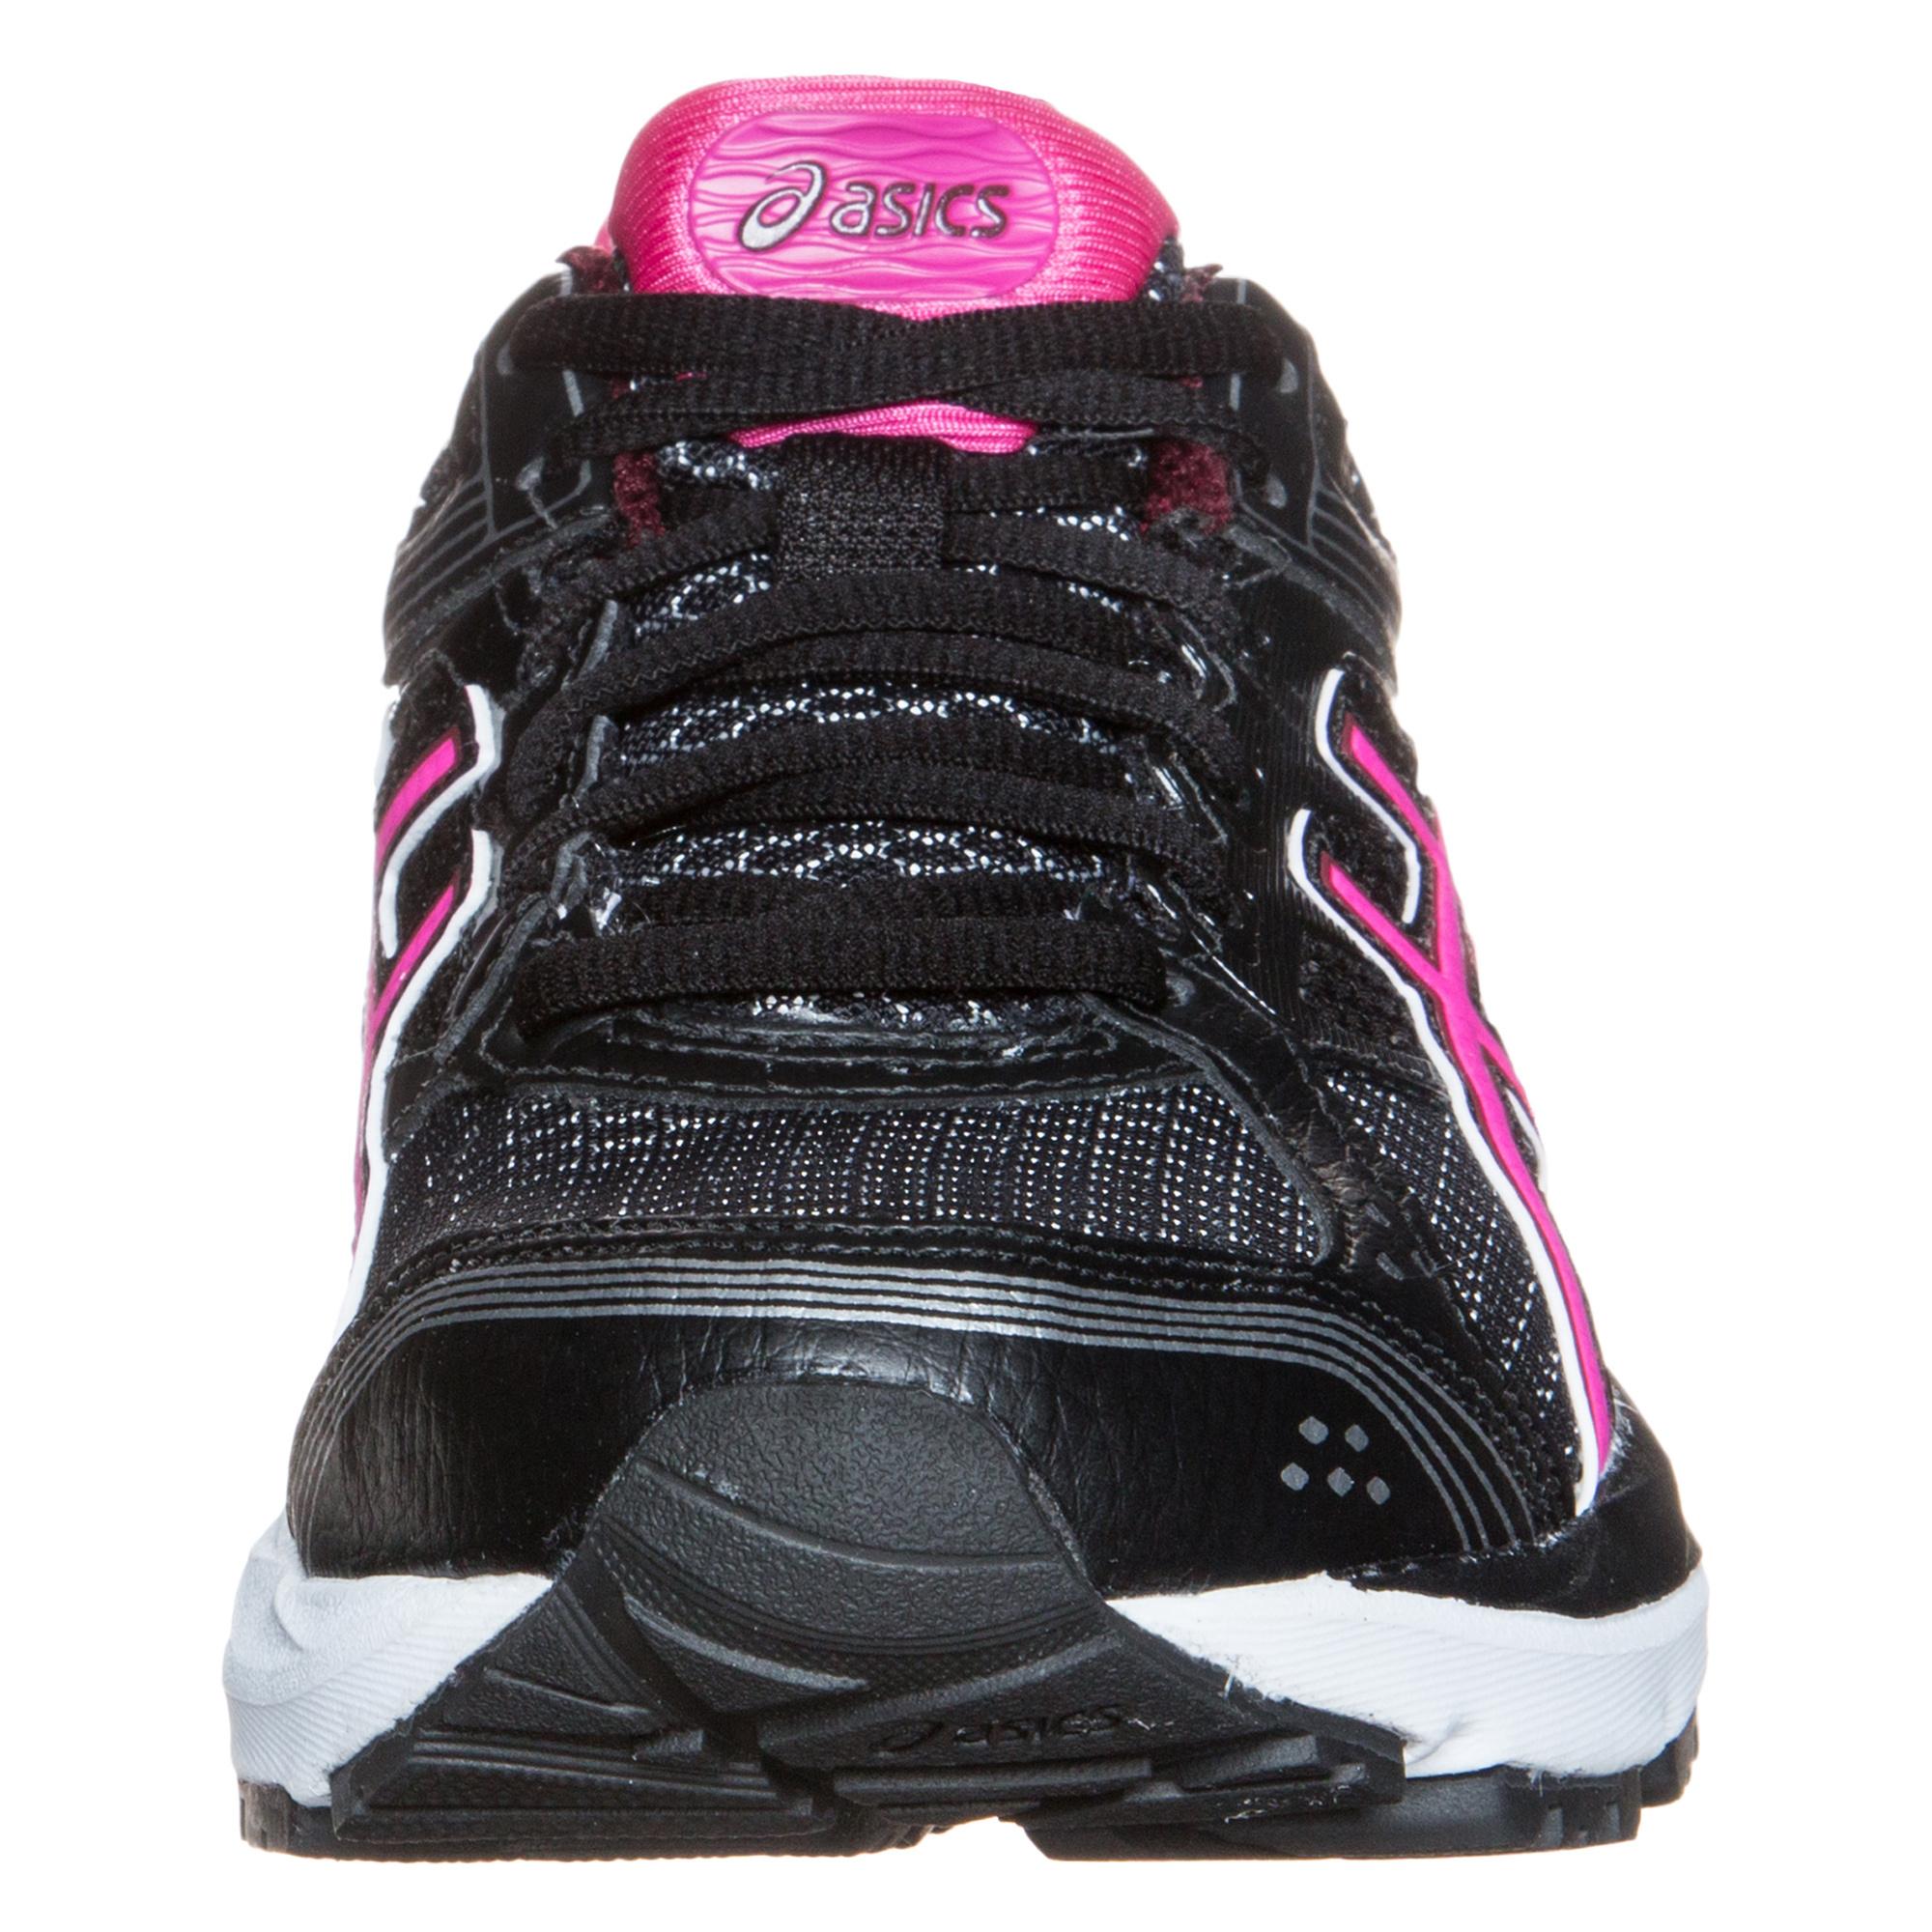 Женские непромокаемые беговые кроссовки Asics Gel-Pulse 7 G-TX (T5F7N 9035) черные фото